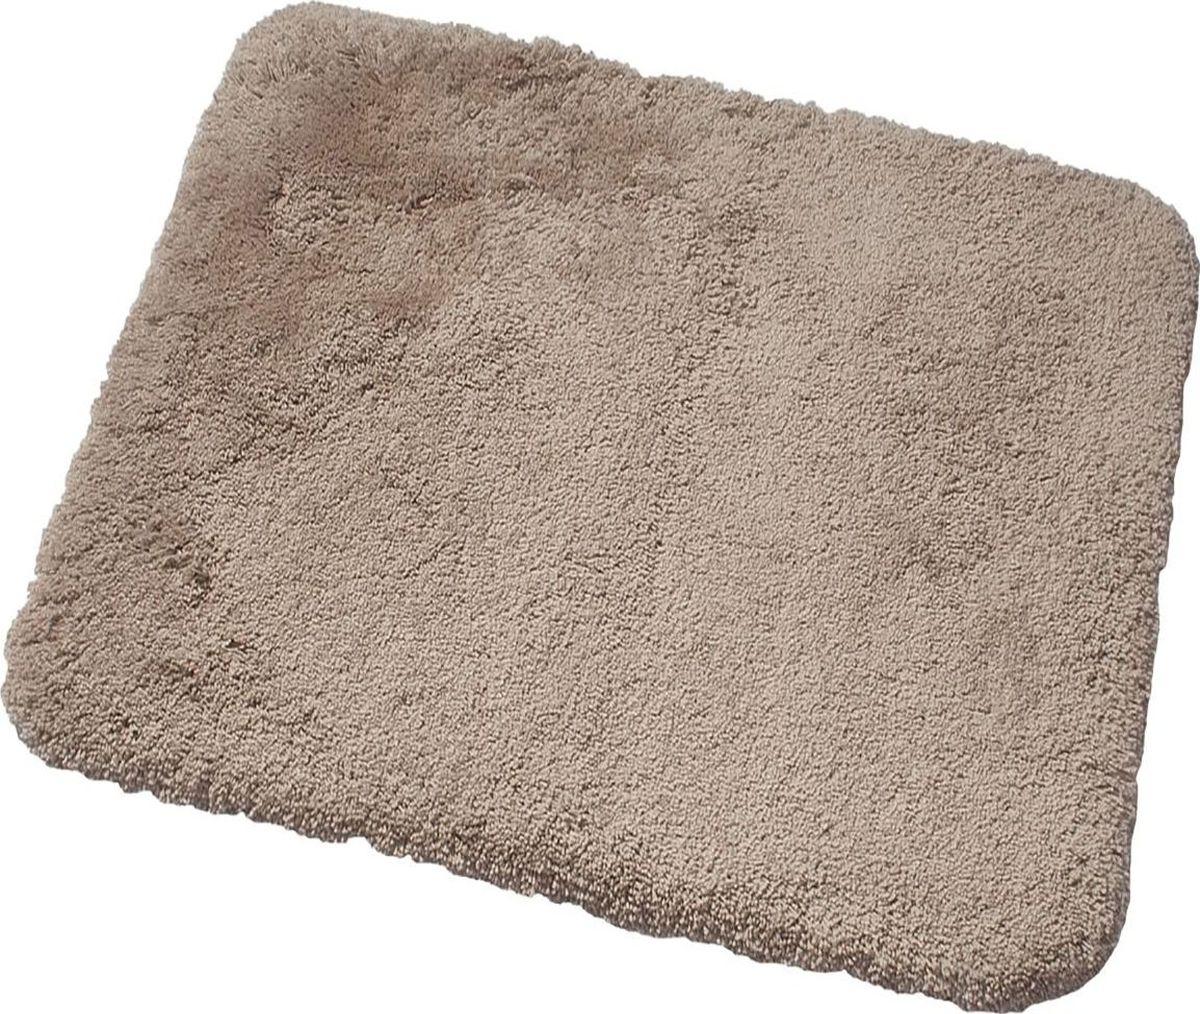 Коврик для ванной Ridder Istanbul, цвет: бежевый, коричневый, 60 х 50 см